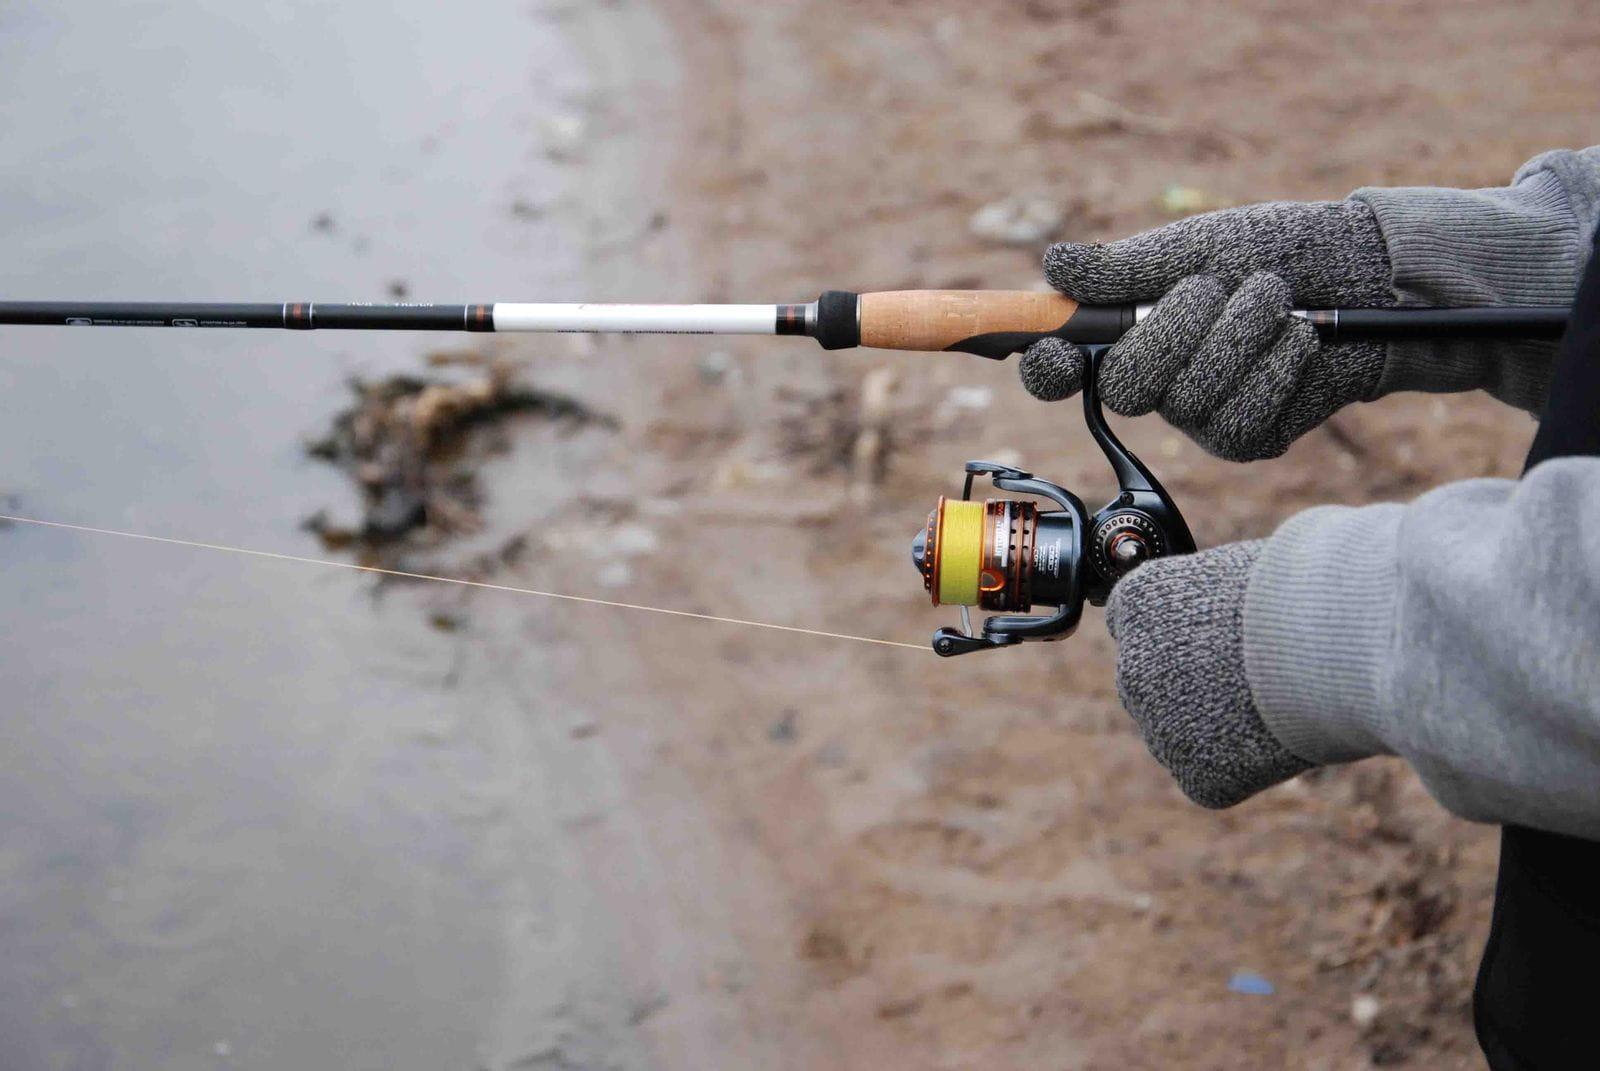 Монтаж отводного поводка для ловли окуня: пошаговая инструкция